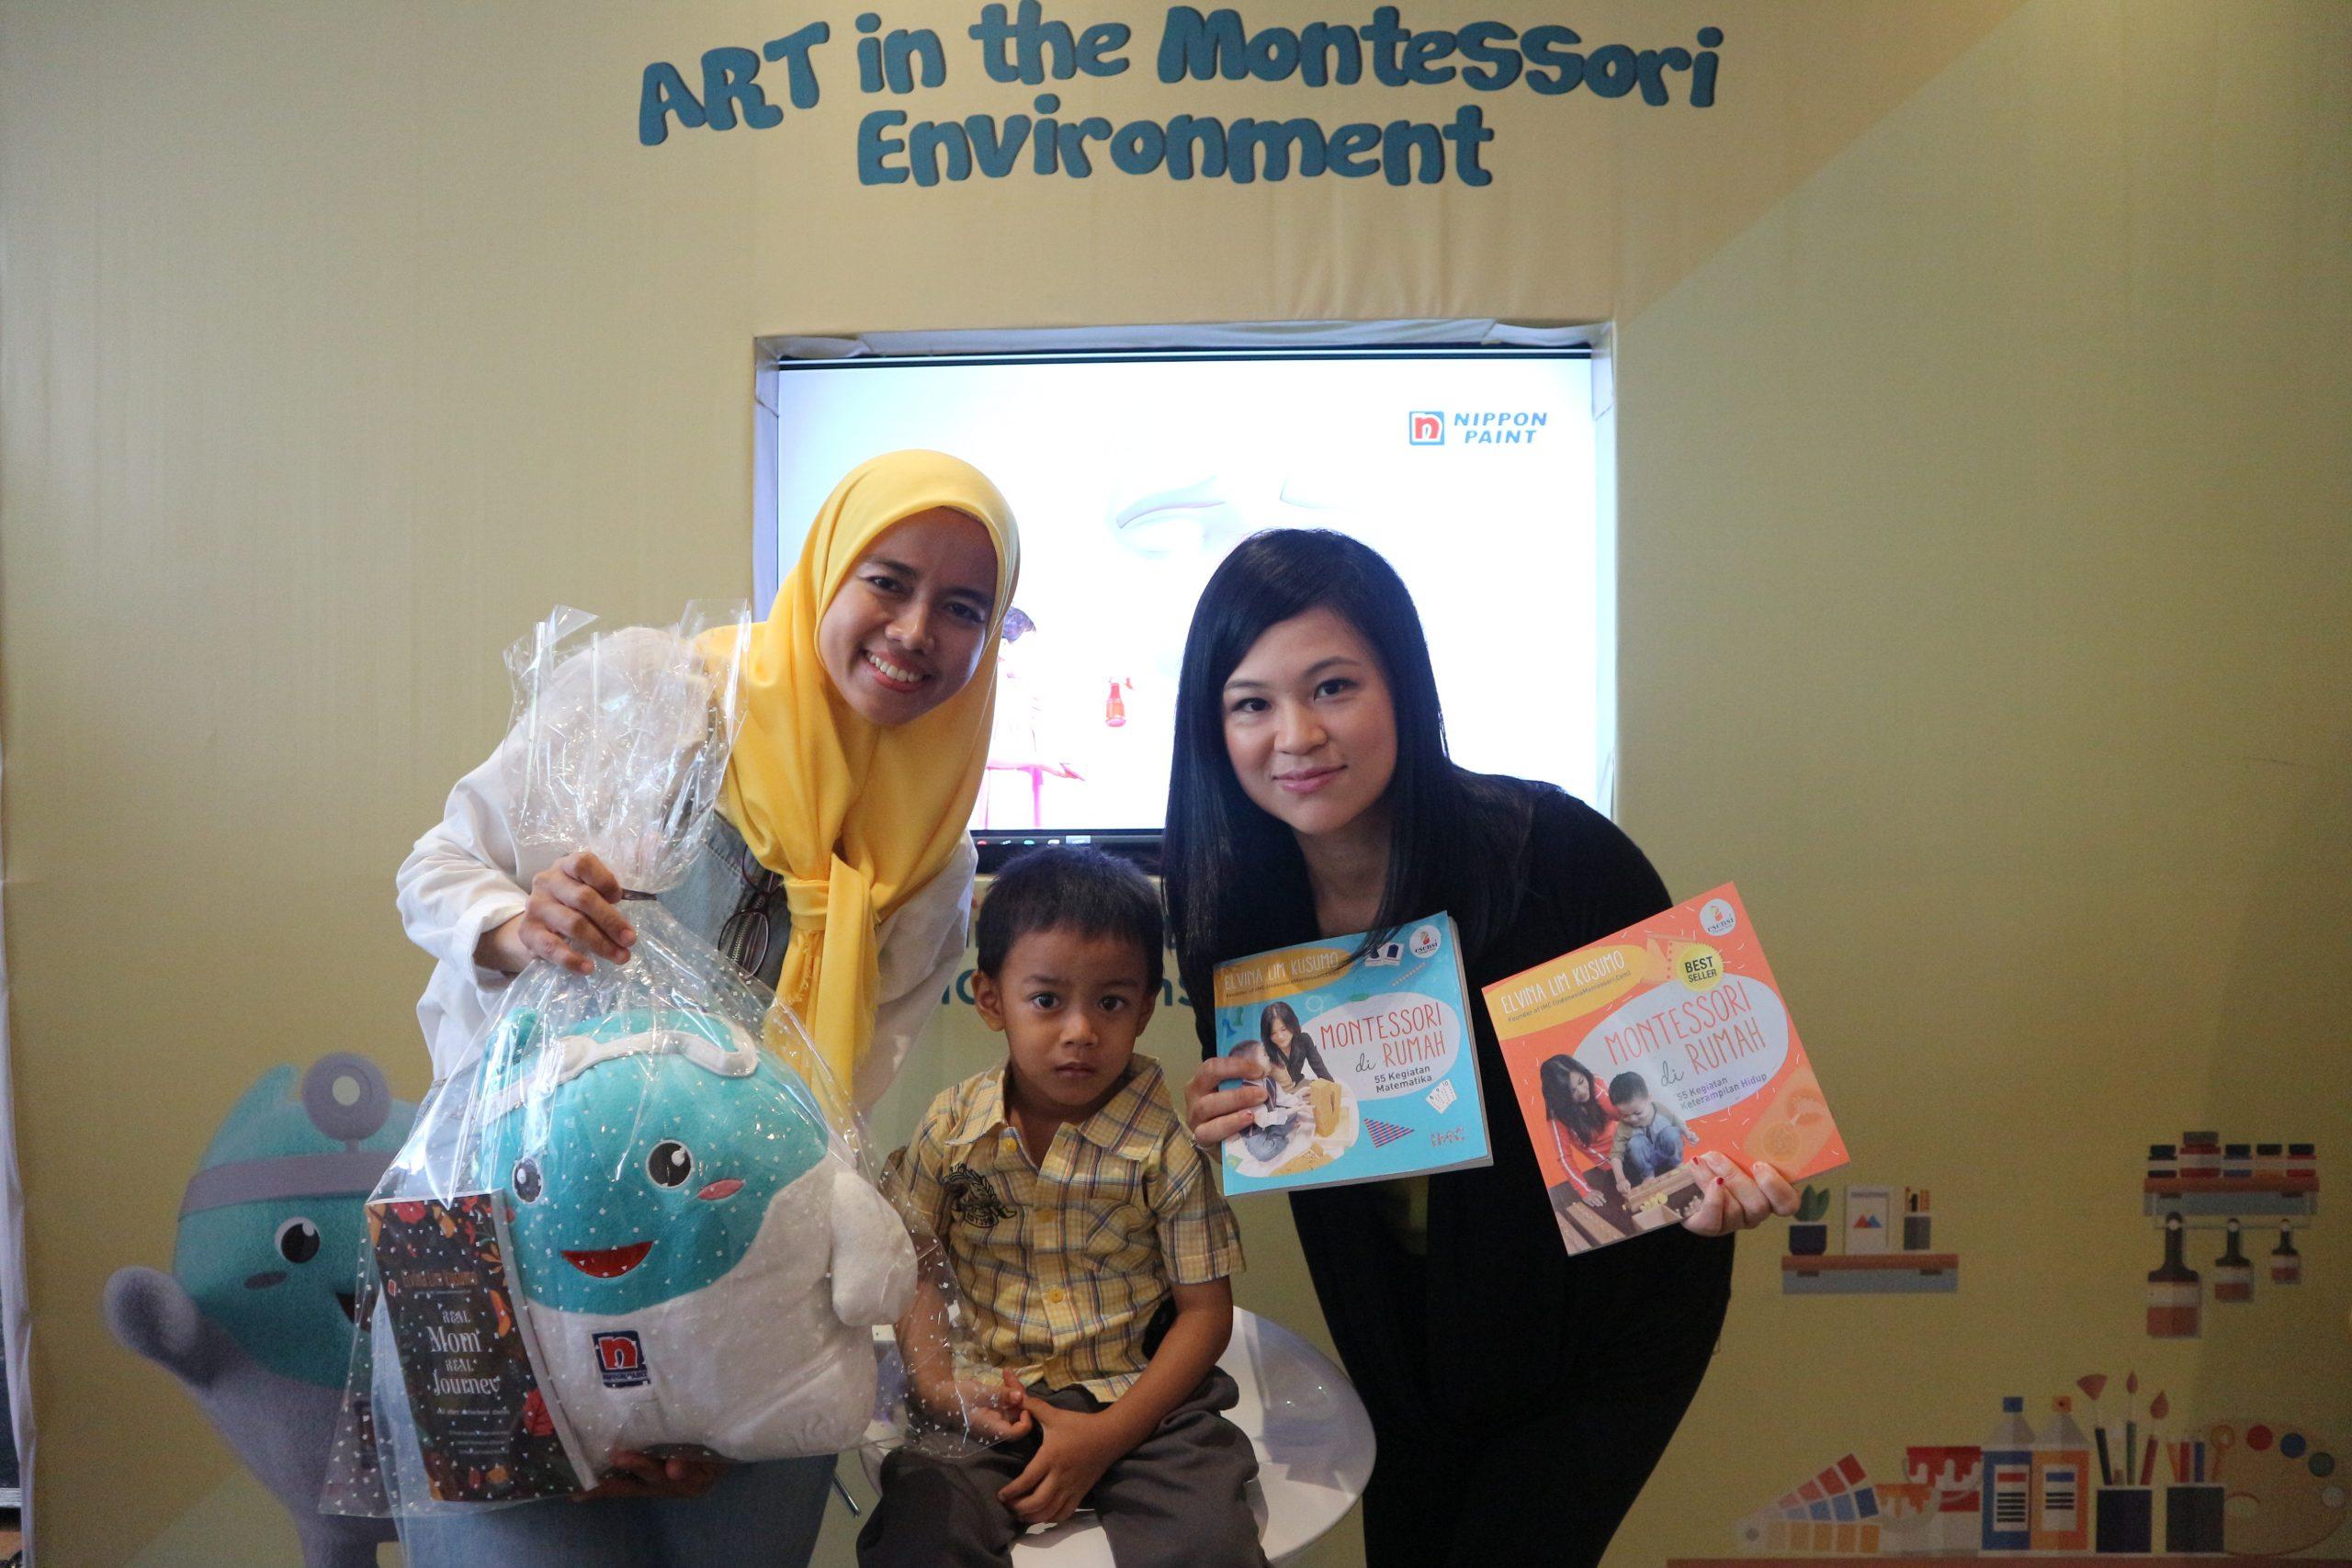 Art in the Montessori Environment